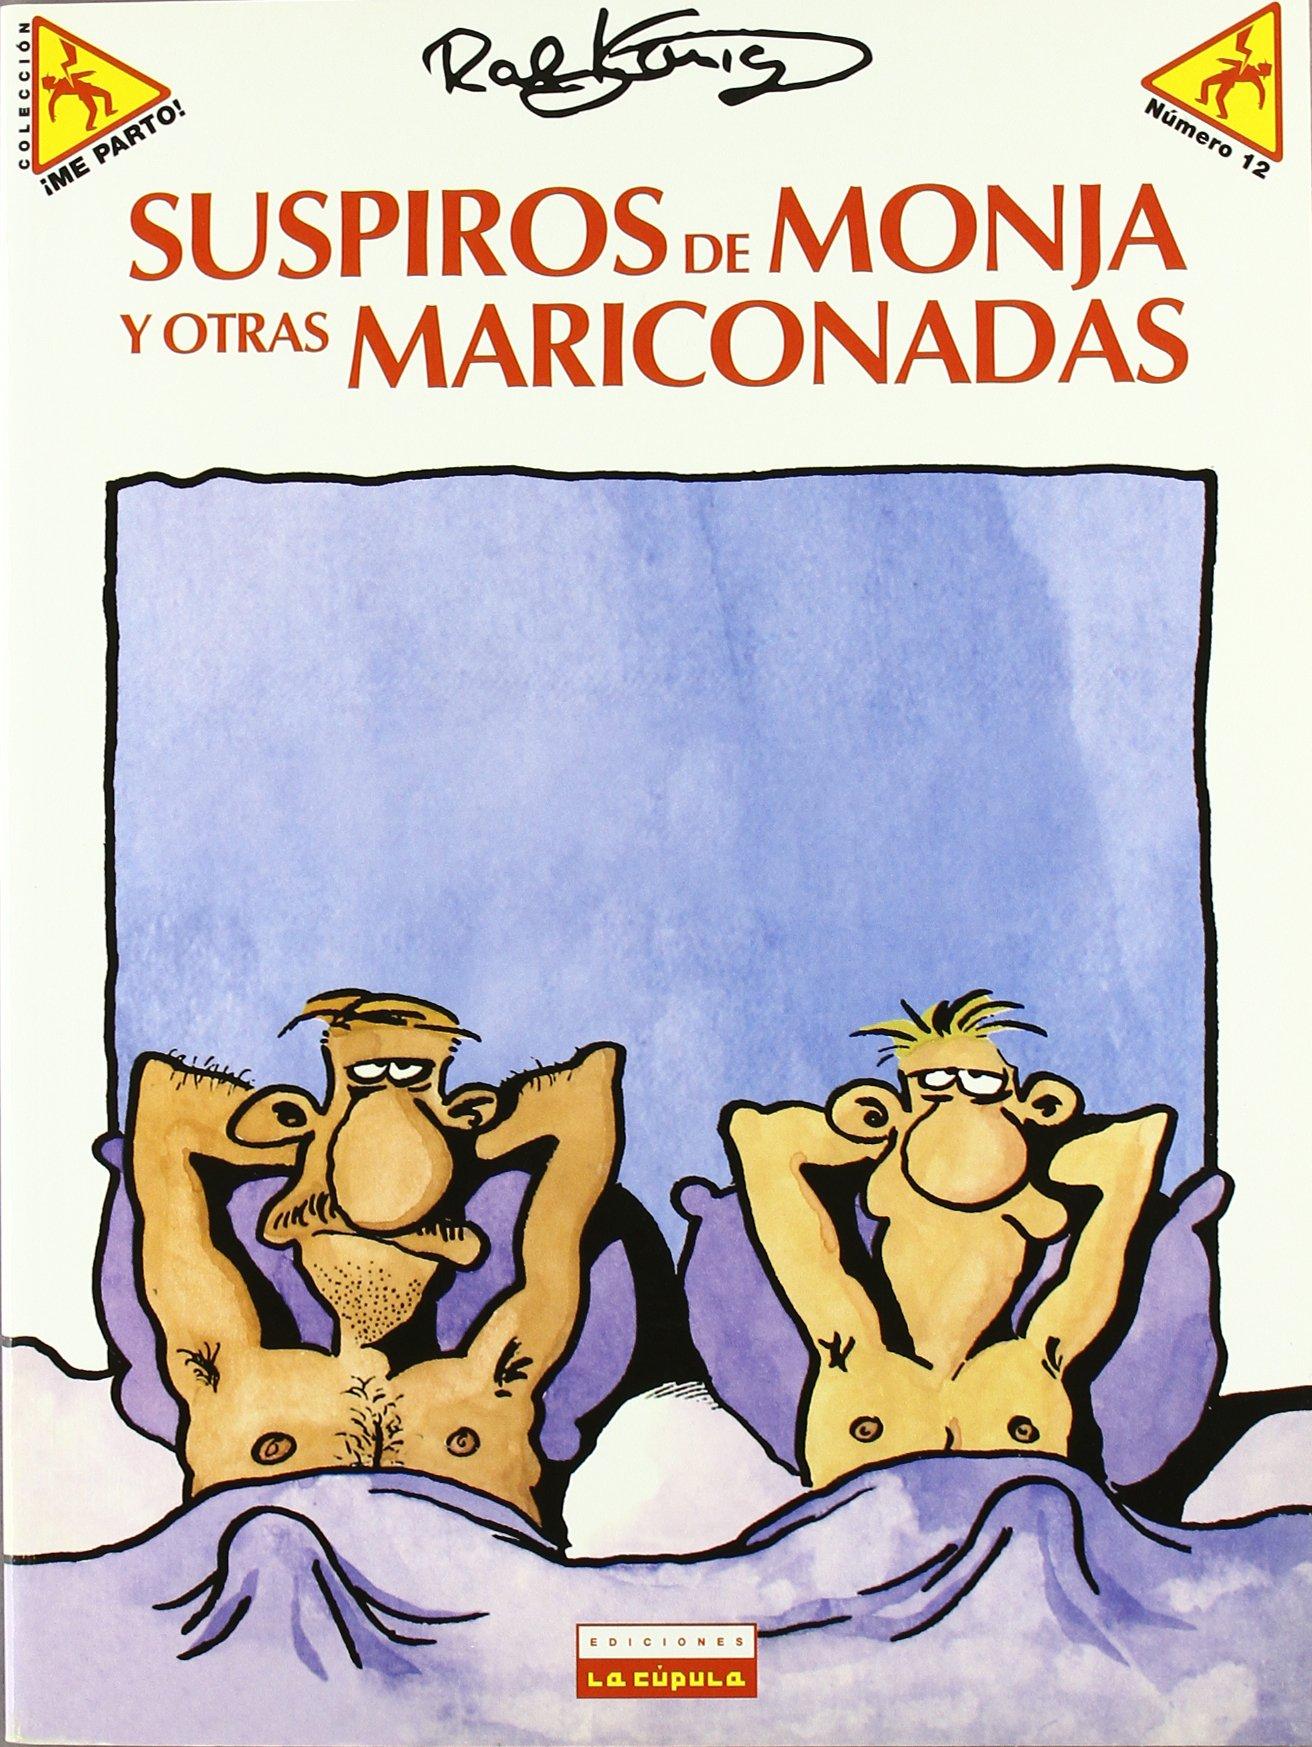 Suspiros de monja y otras mariconadas (Me Parto): Amazon.es ...